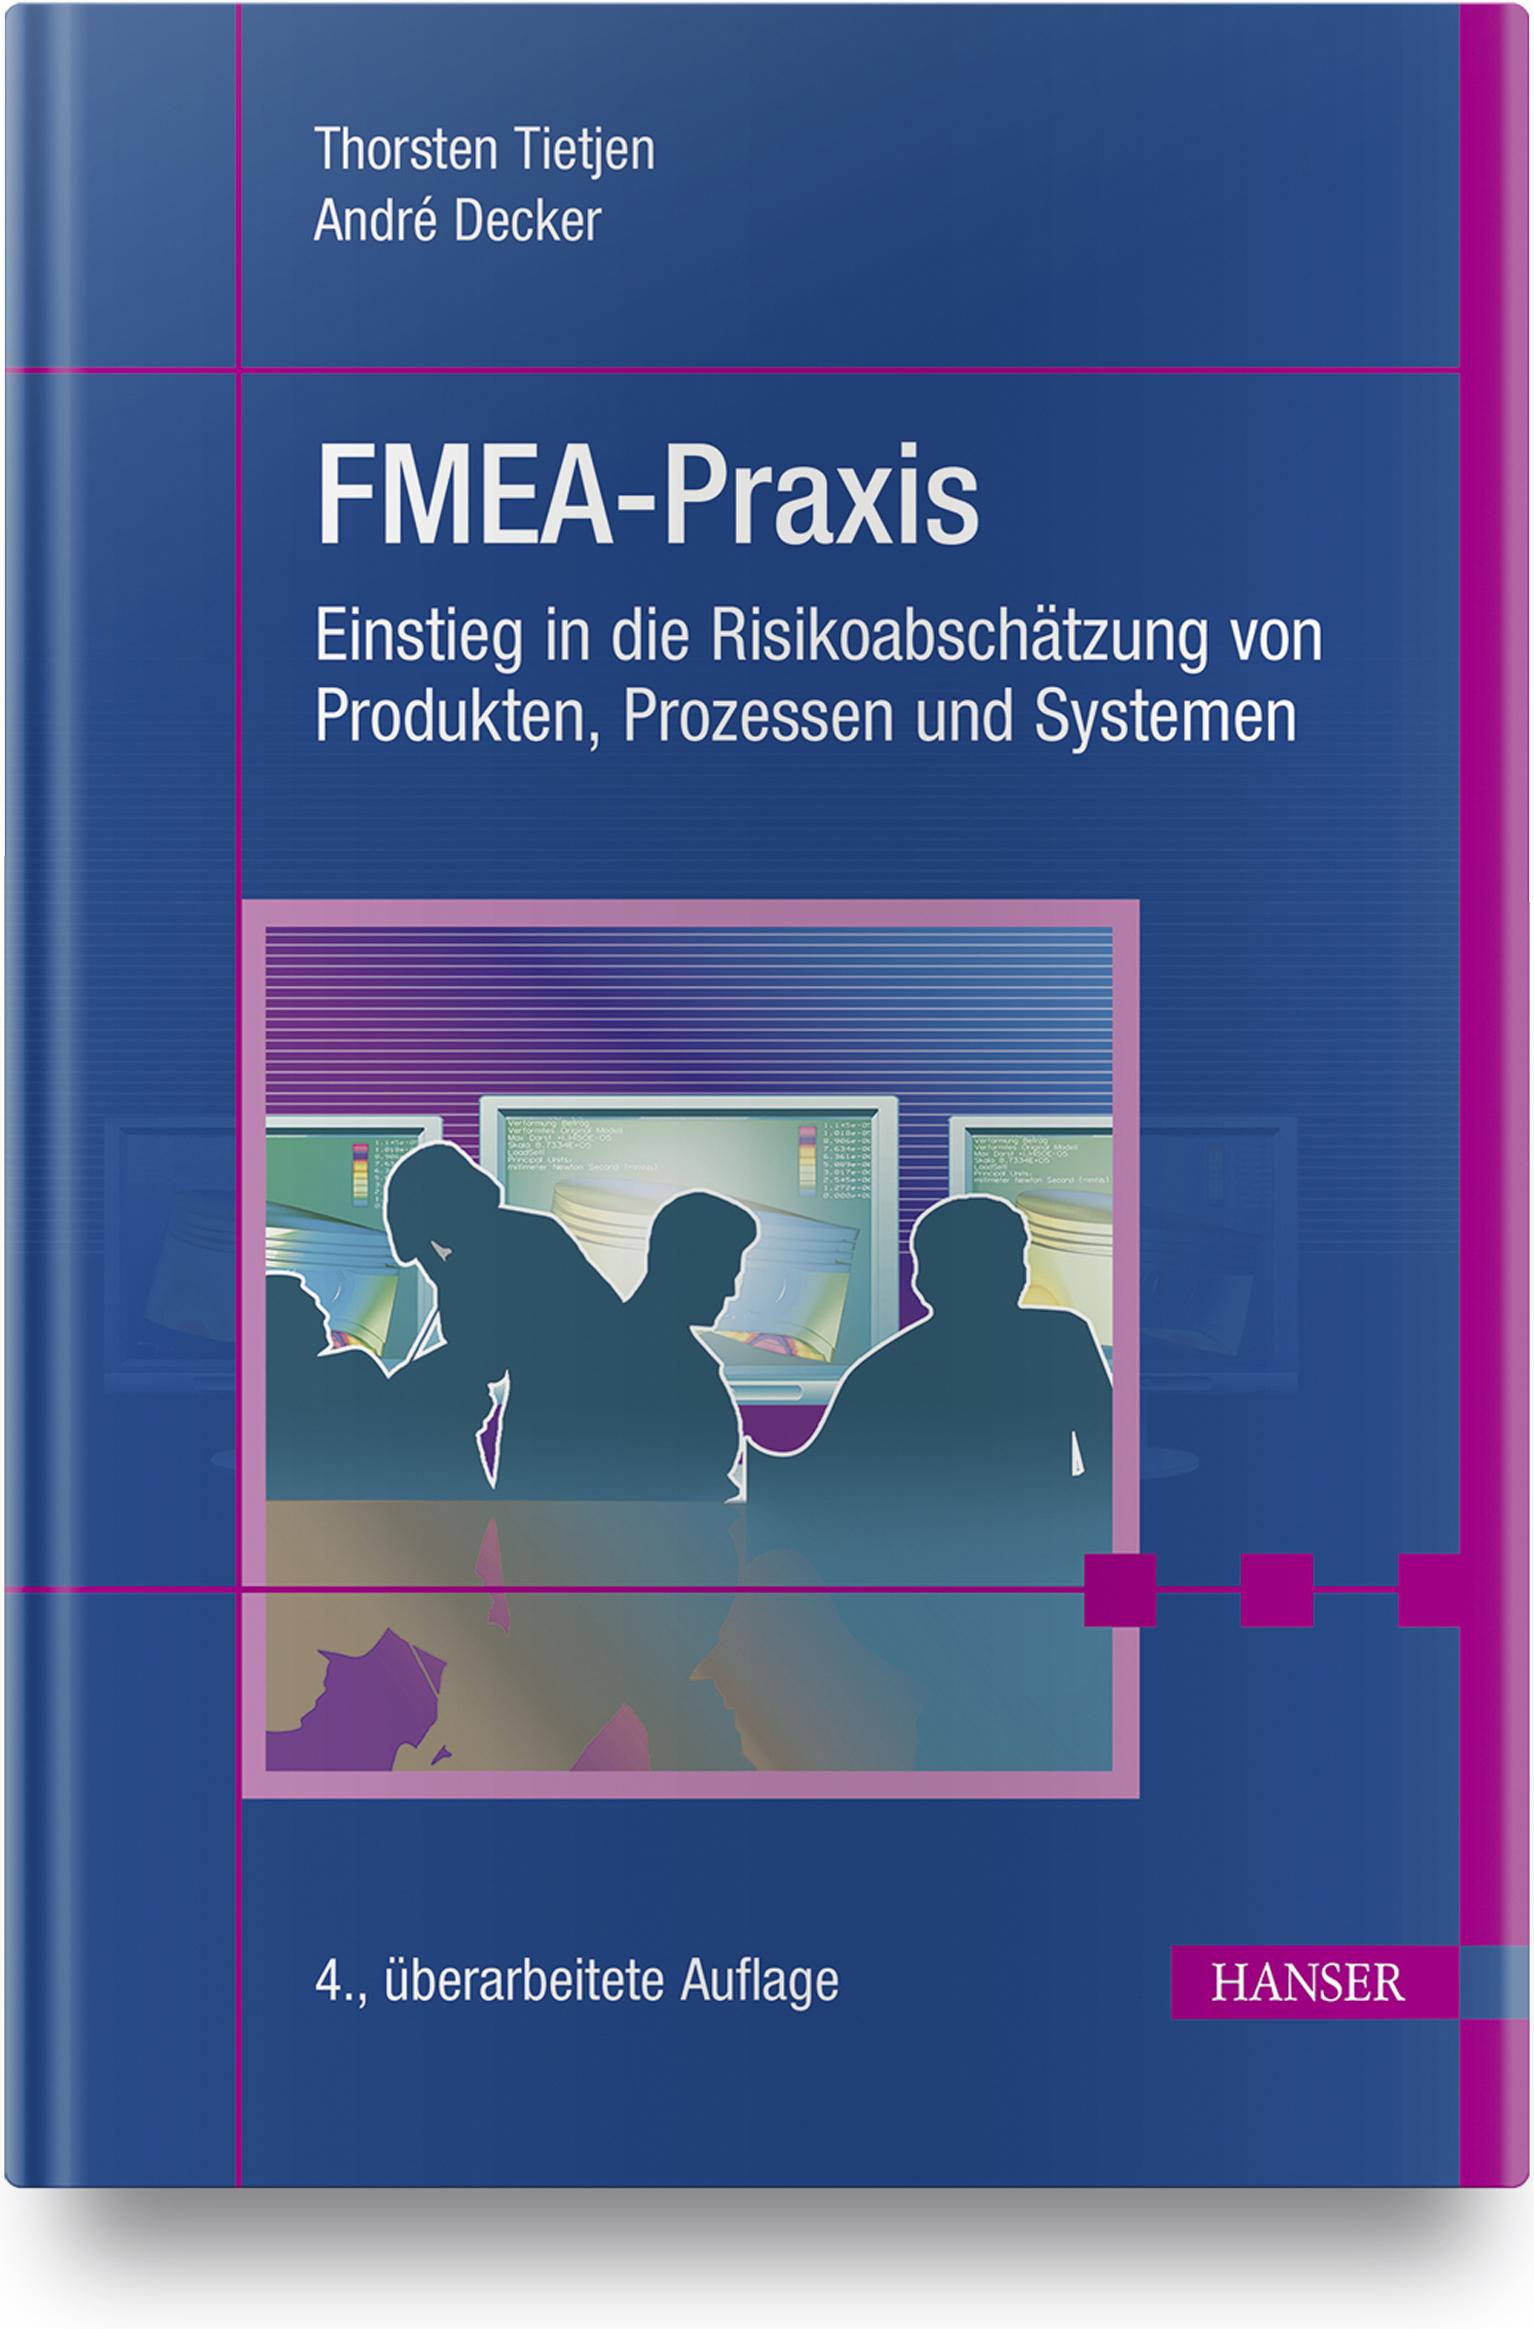 Tietjen, Decker, FMEA-Praxis, 978-3-446-46211-3